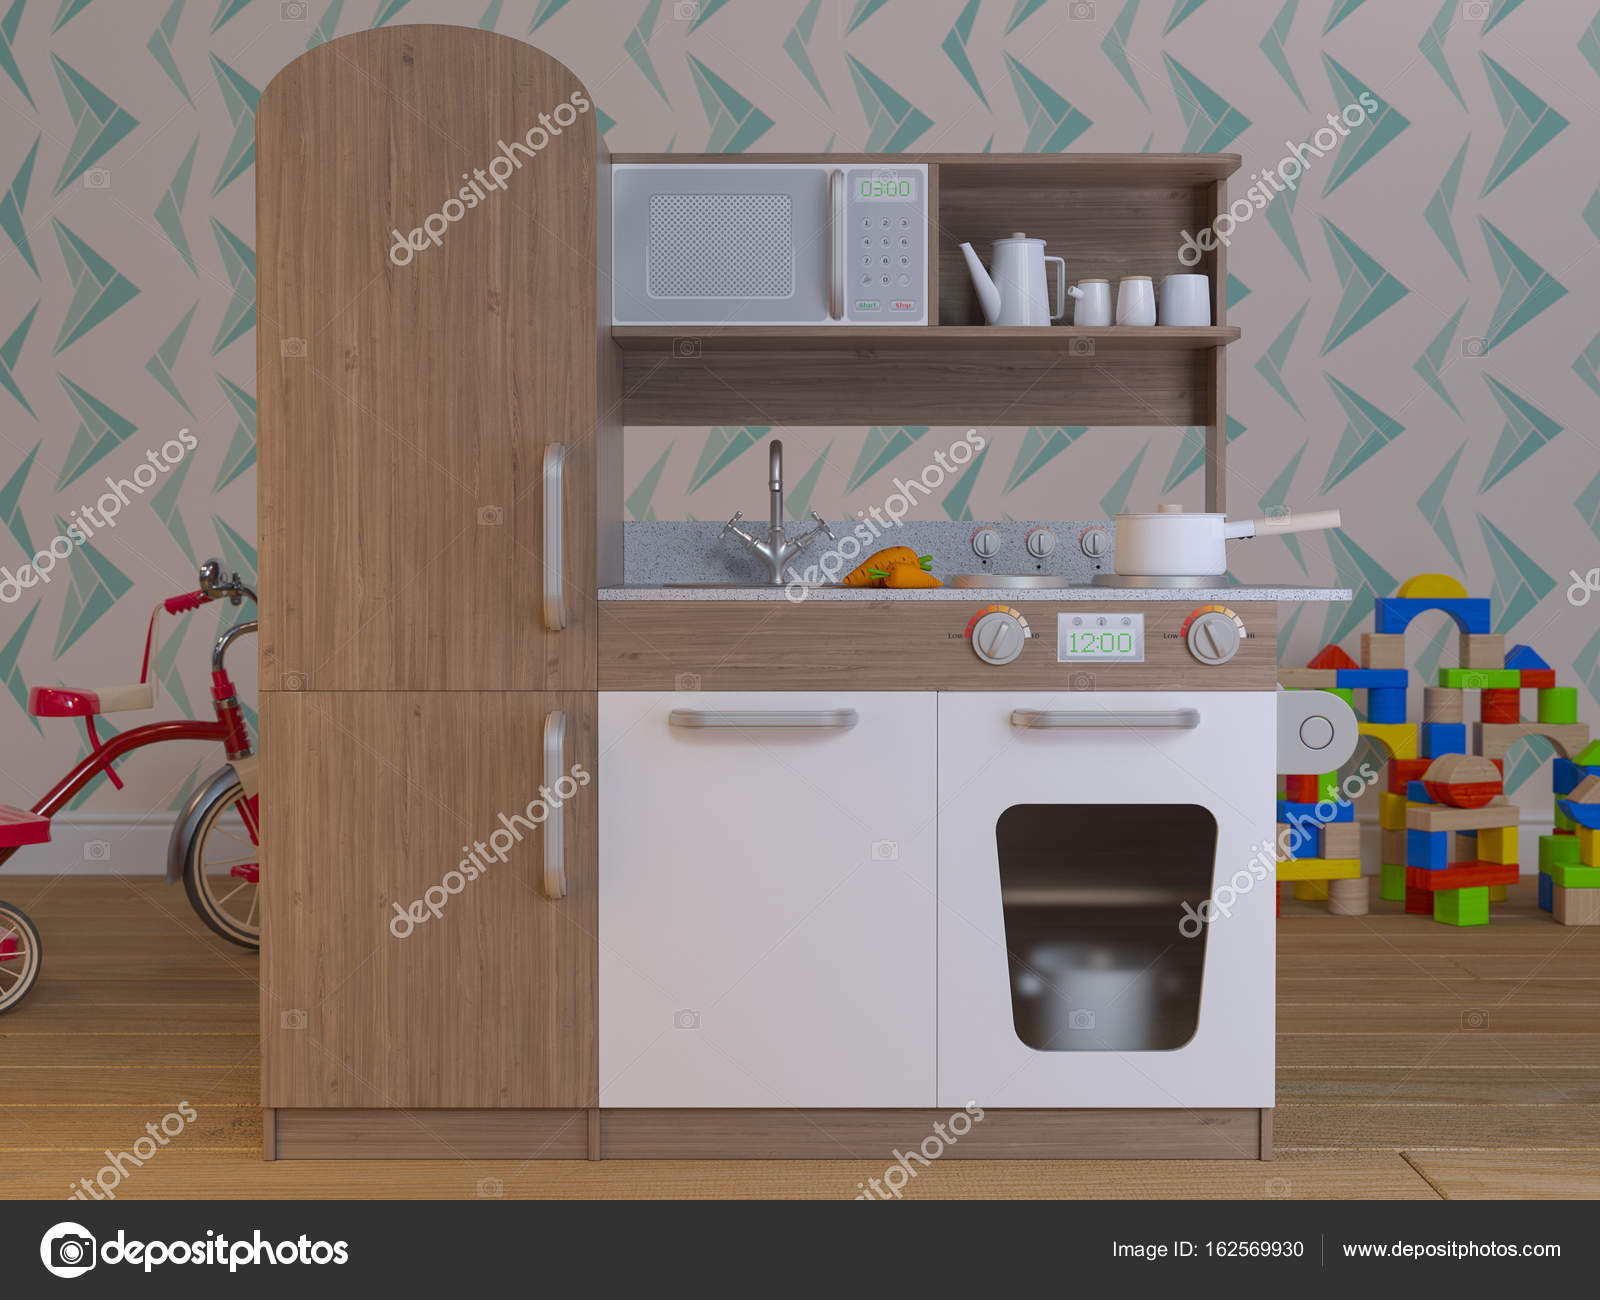 Juego los niños cocina diseño interior con accesorios ...